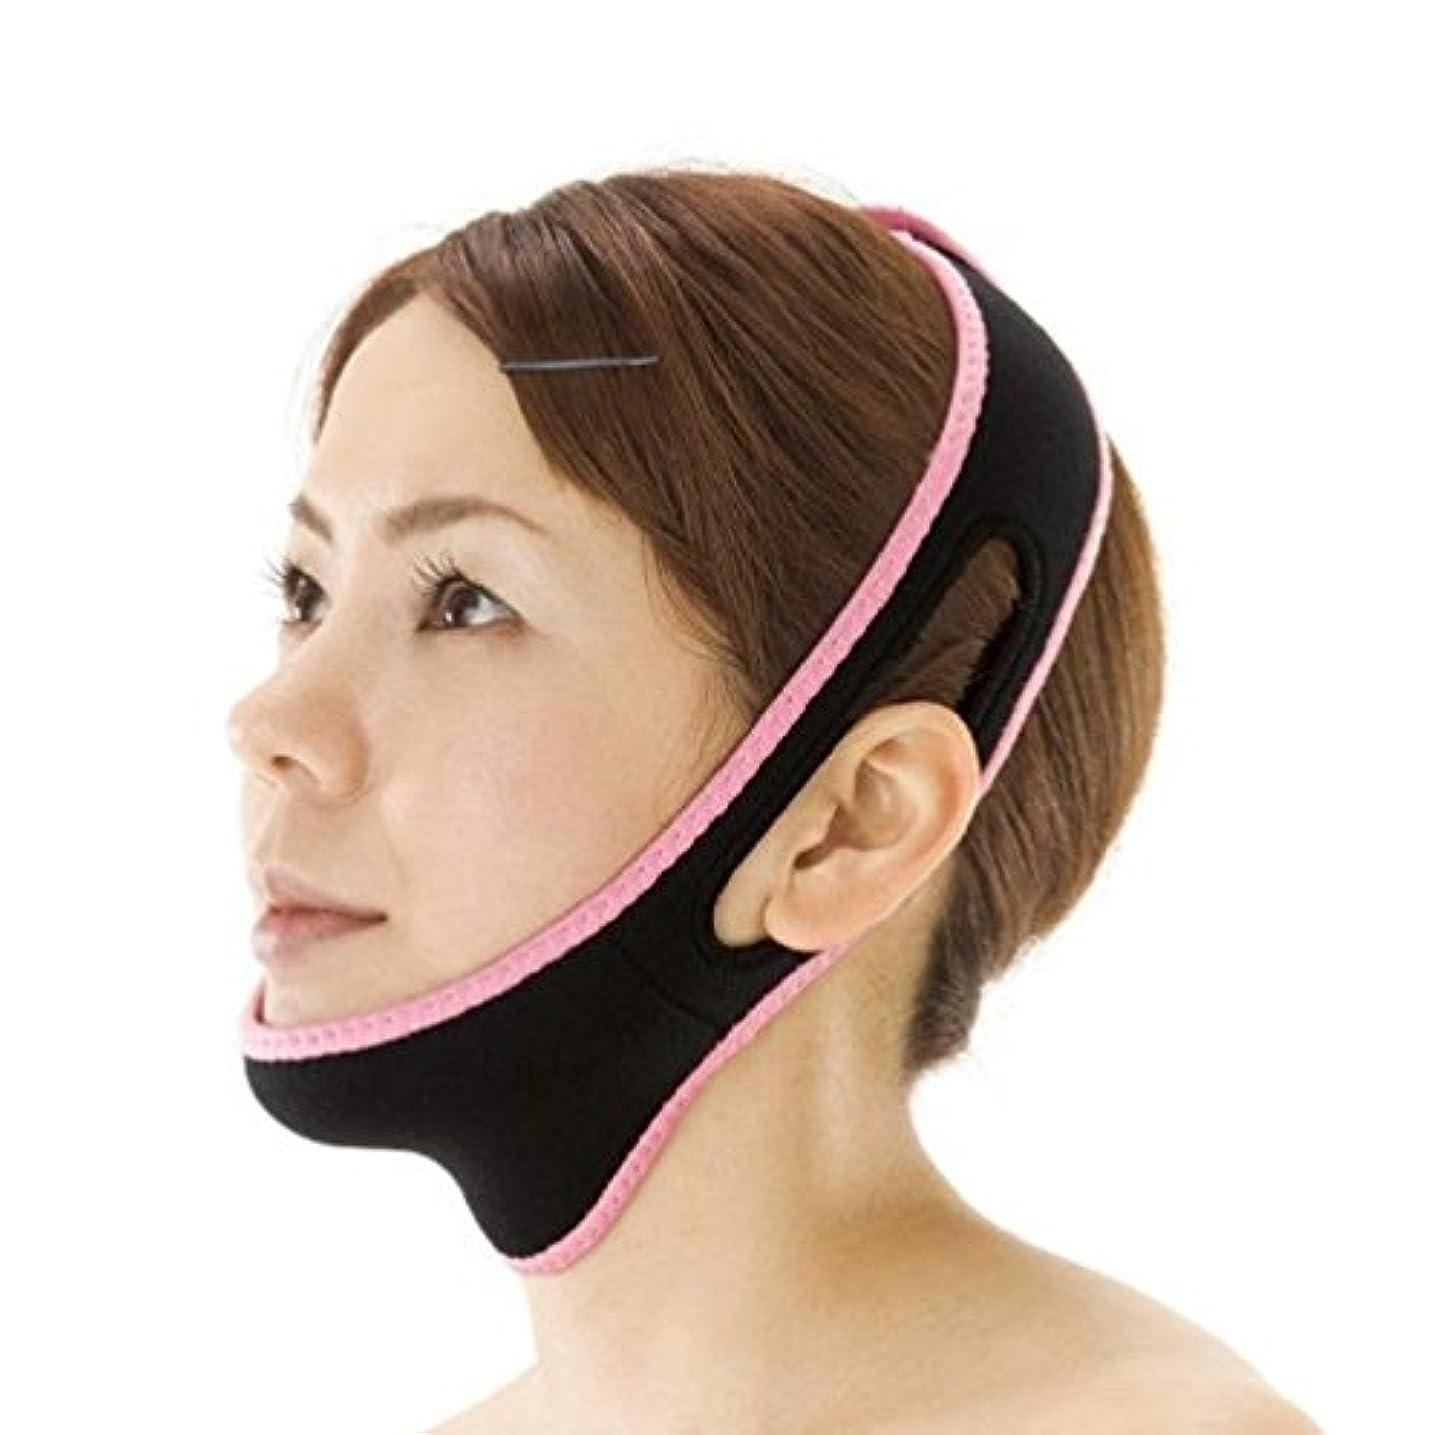 平らな持っている慢な小顔リフトアップベルト 寝ながら小顔 小顔矯正 ゲルマニウム 男女兼用ベルト いびき対策